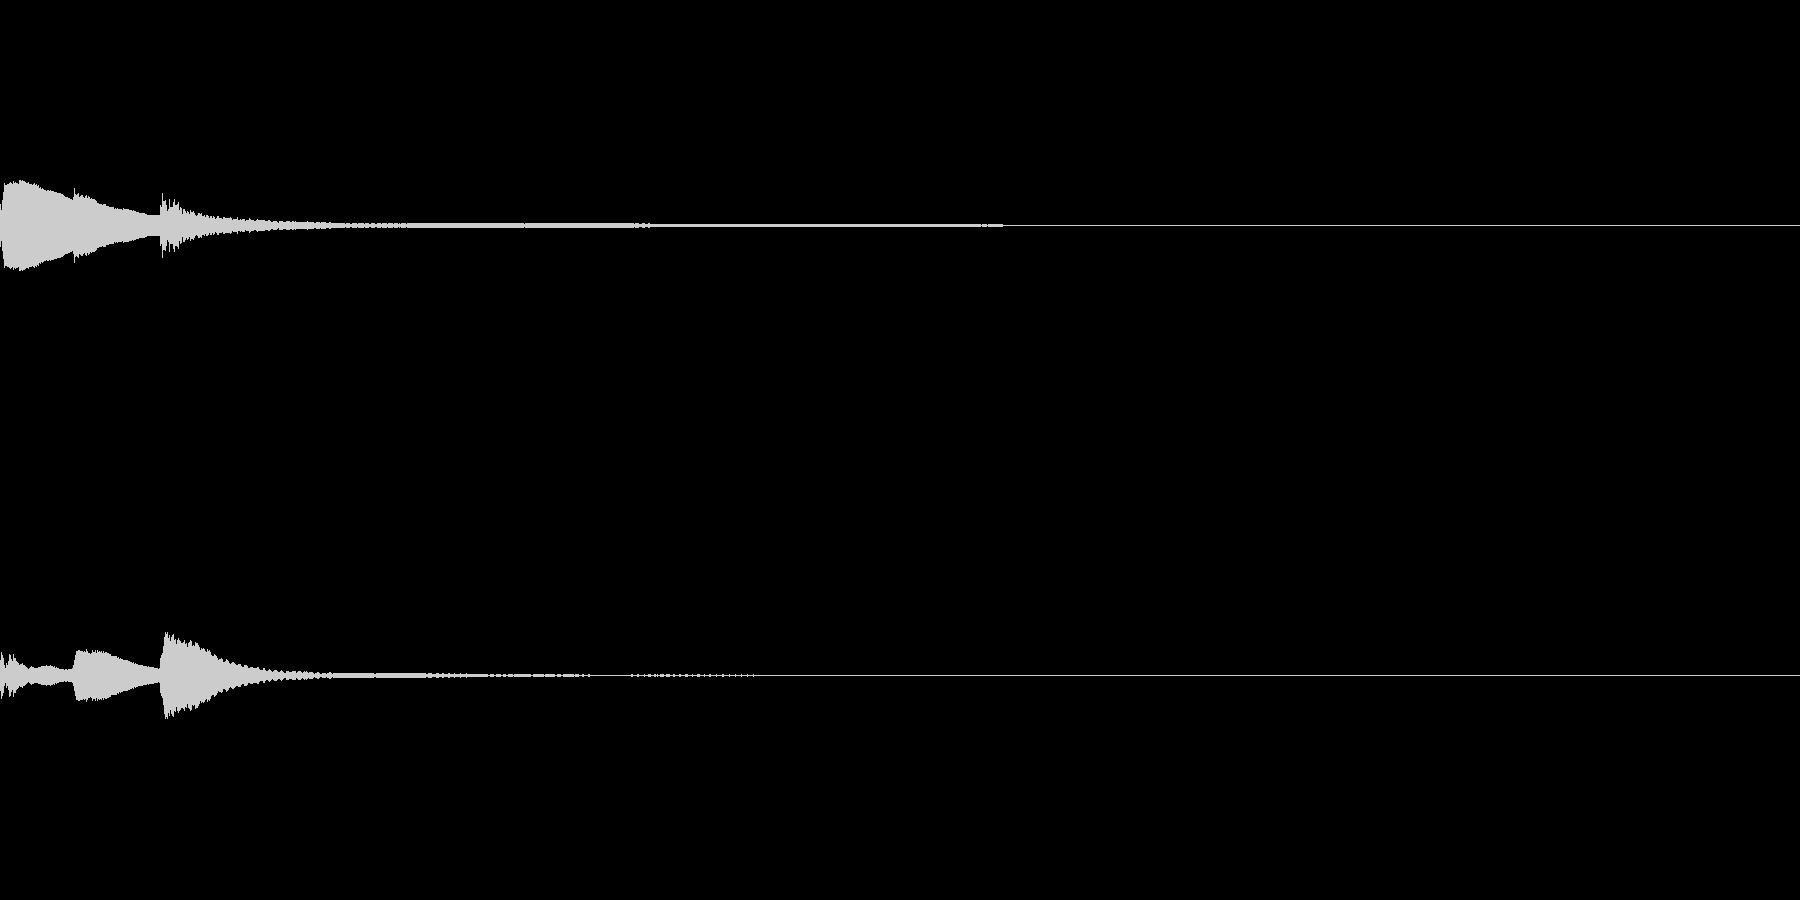 タララーン(ホラーゲームの発見音などに)の未再生の波形